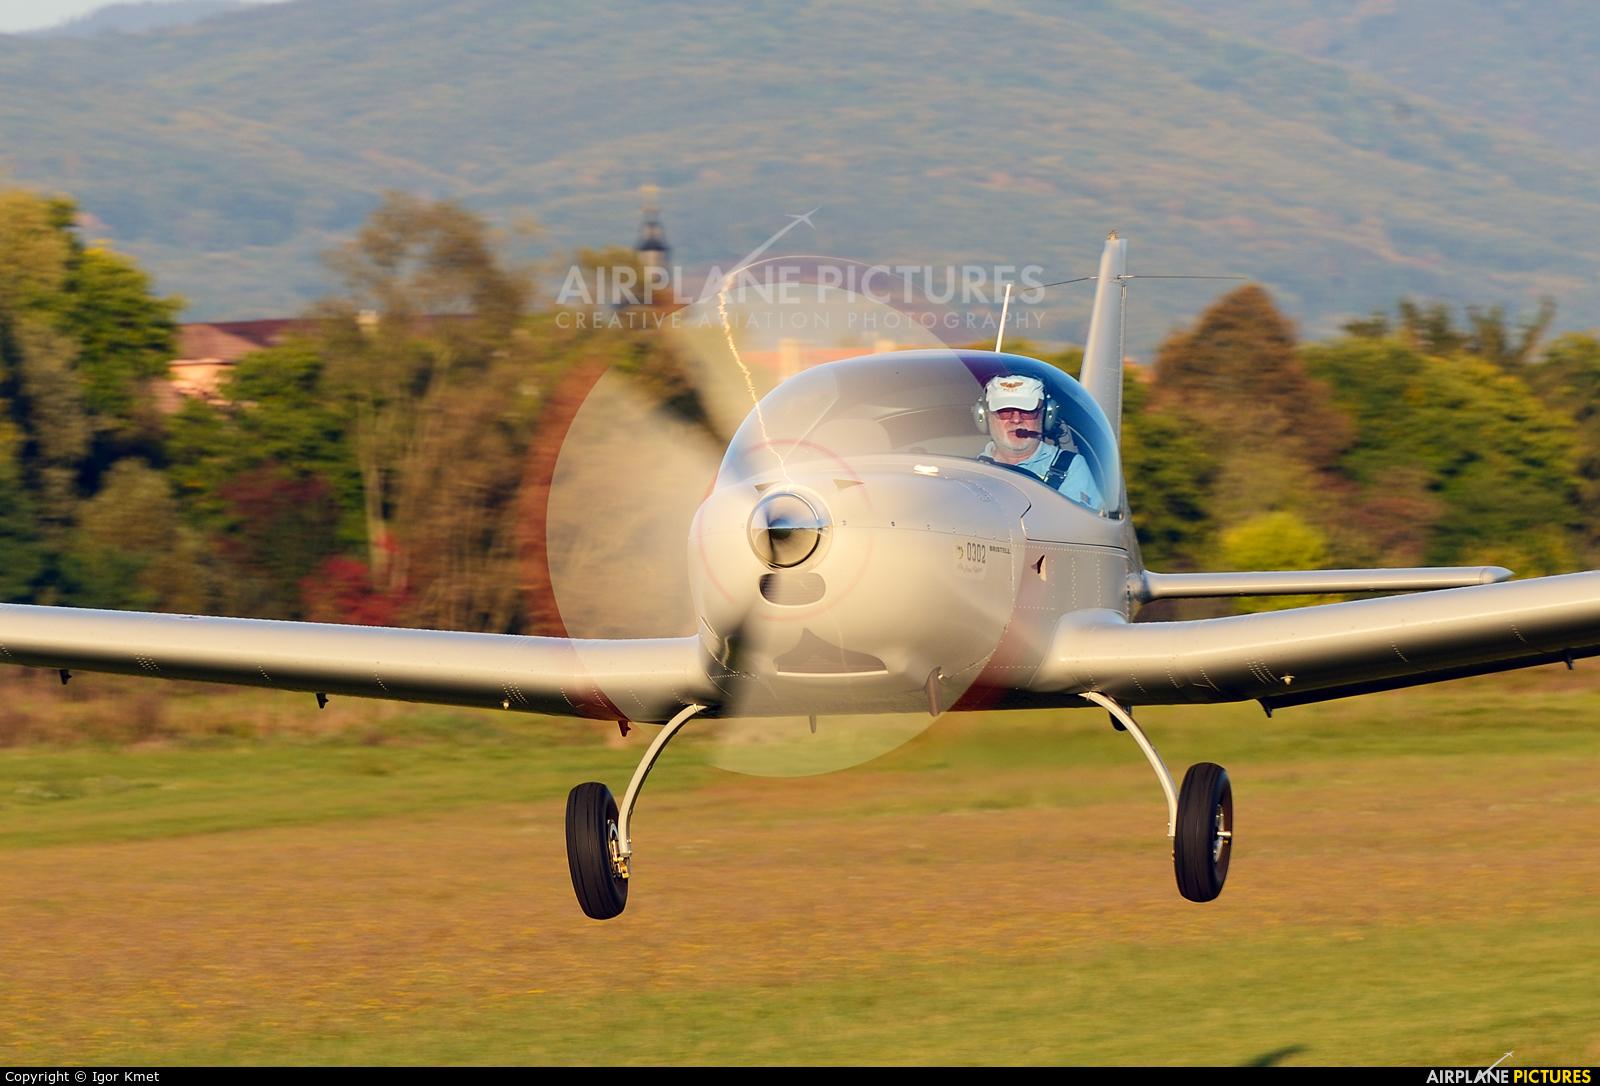 Letecky Sportovy Klub Zvolen OM-M302 aircraft at Očová